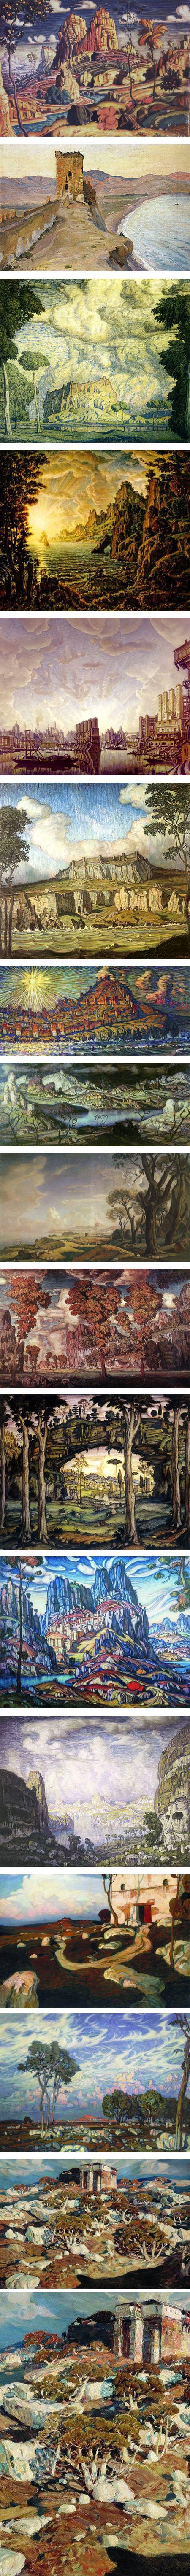 Konstantin Bogaevsky, Symbolist landscapes